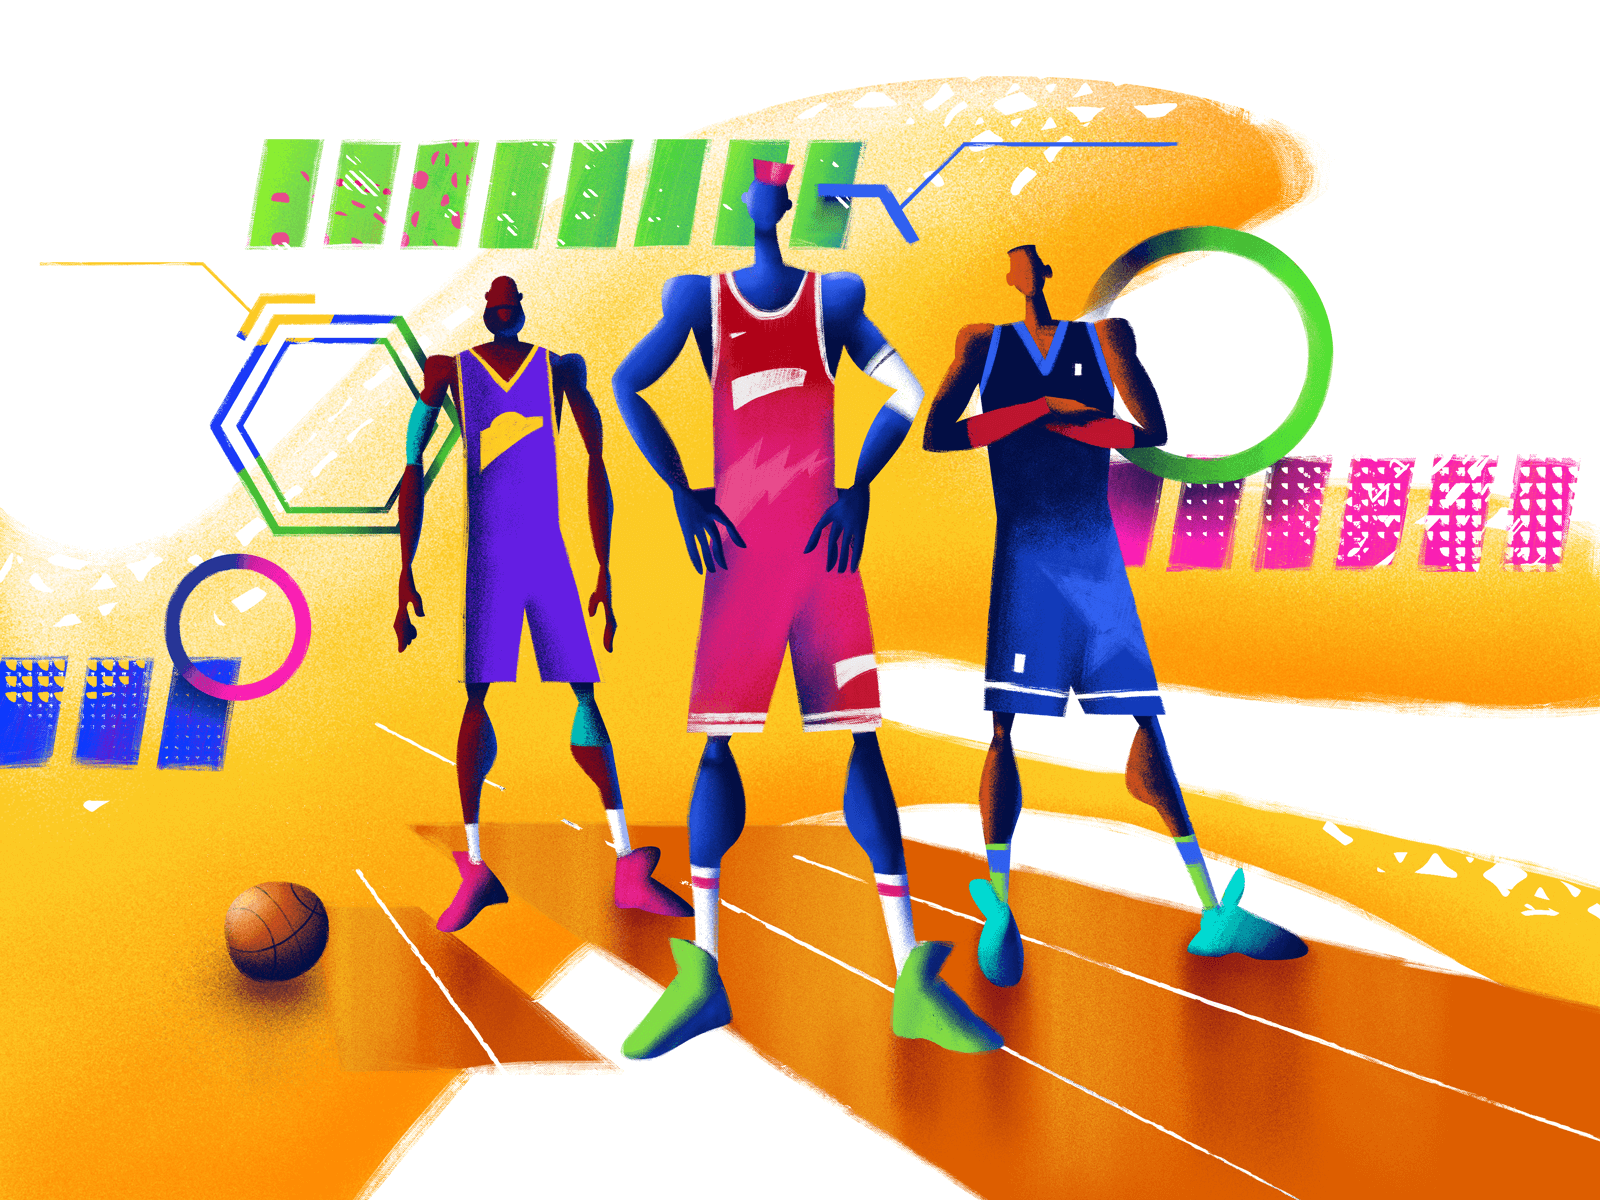 team up design illustration